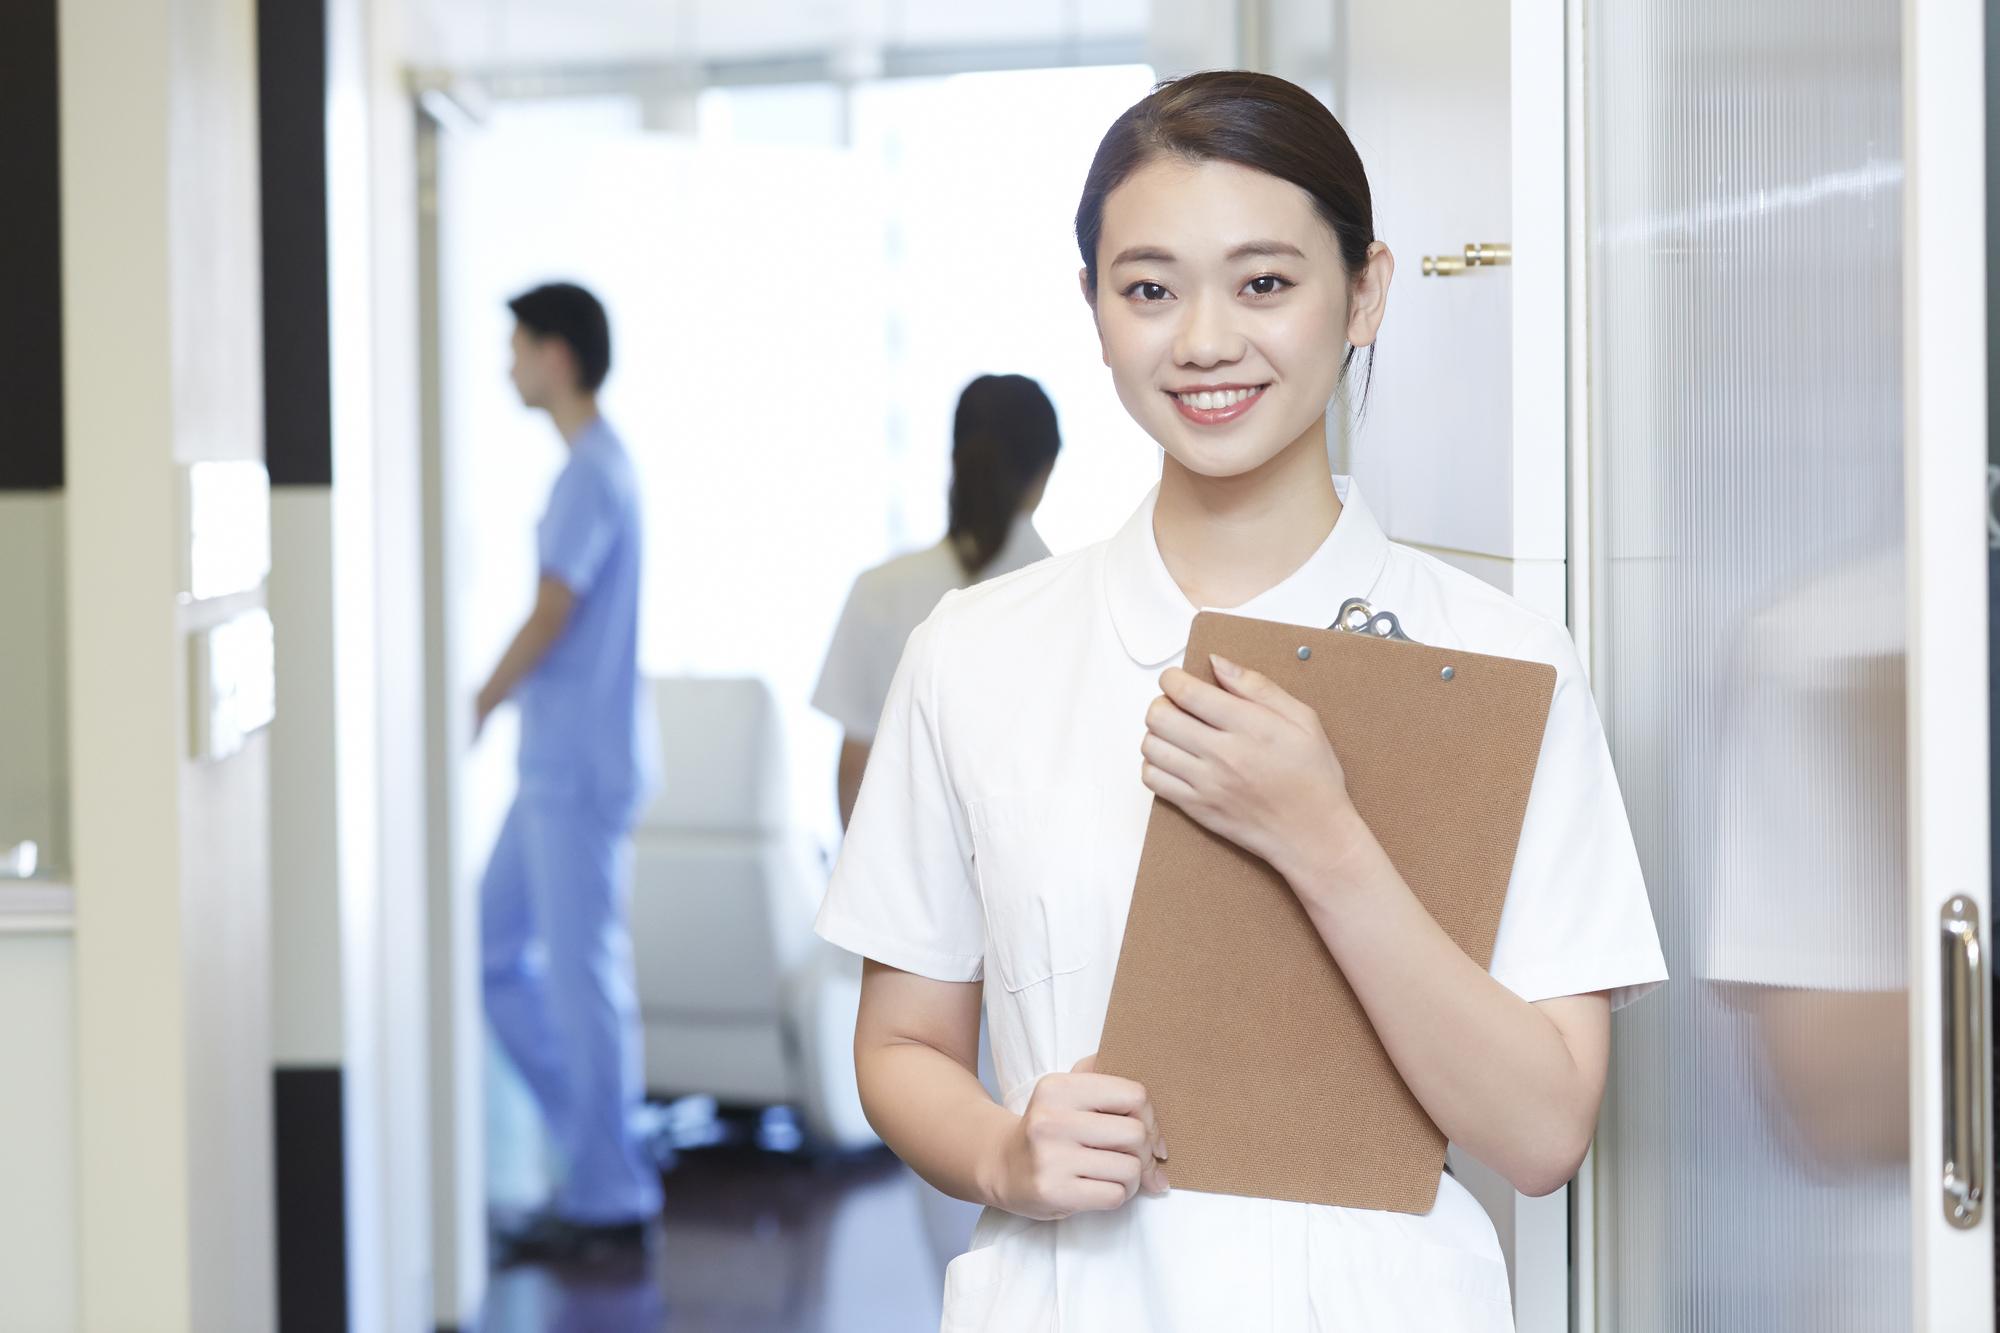 担当制の歯科医院担って実際どんなメリット・デメリットがある?